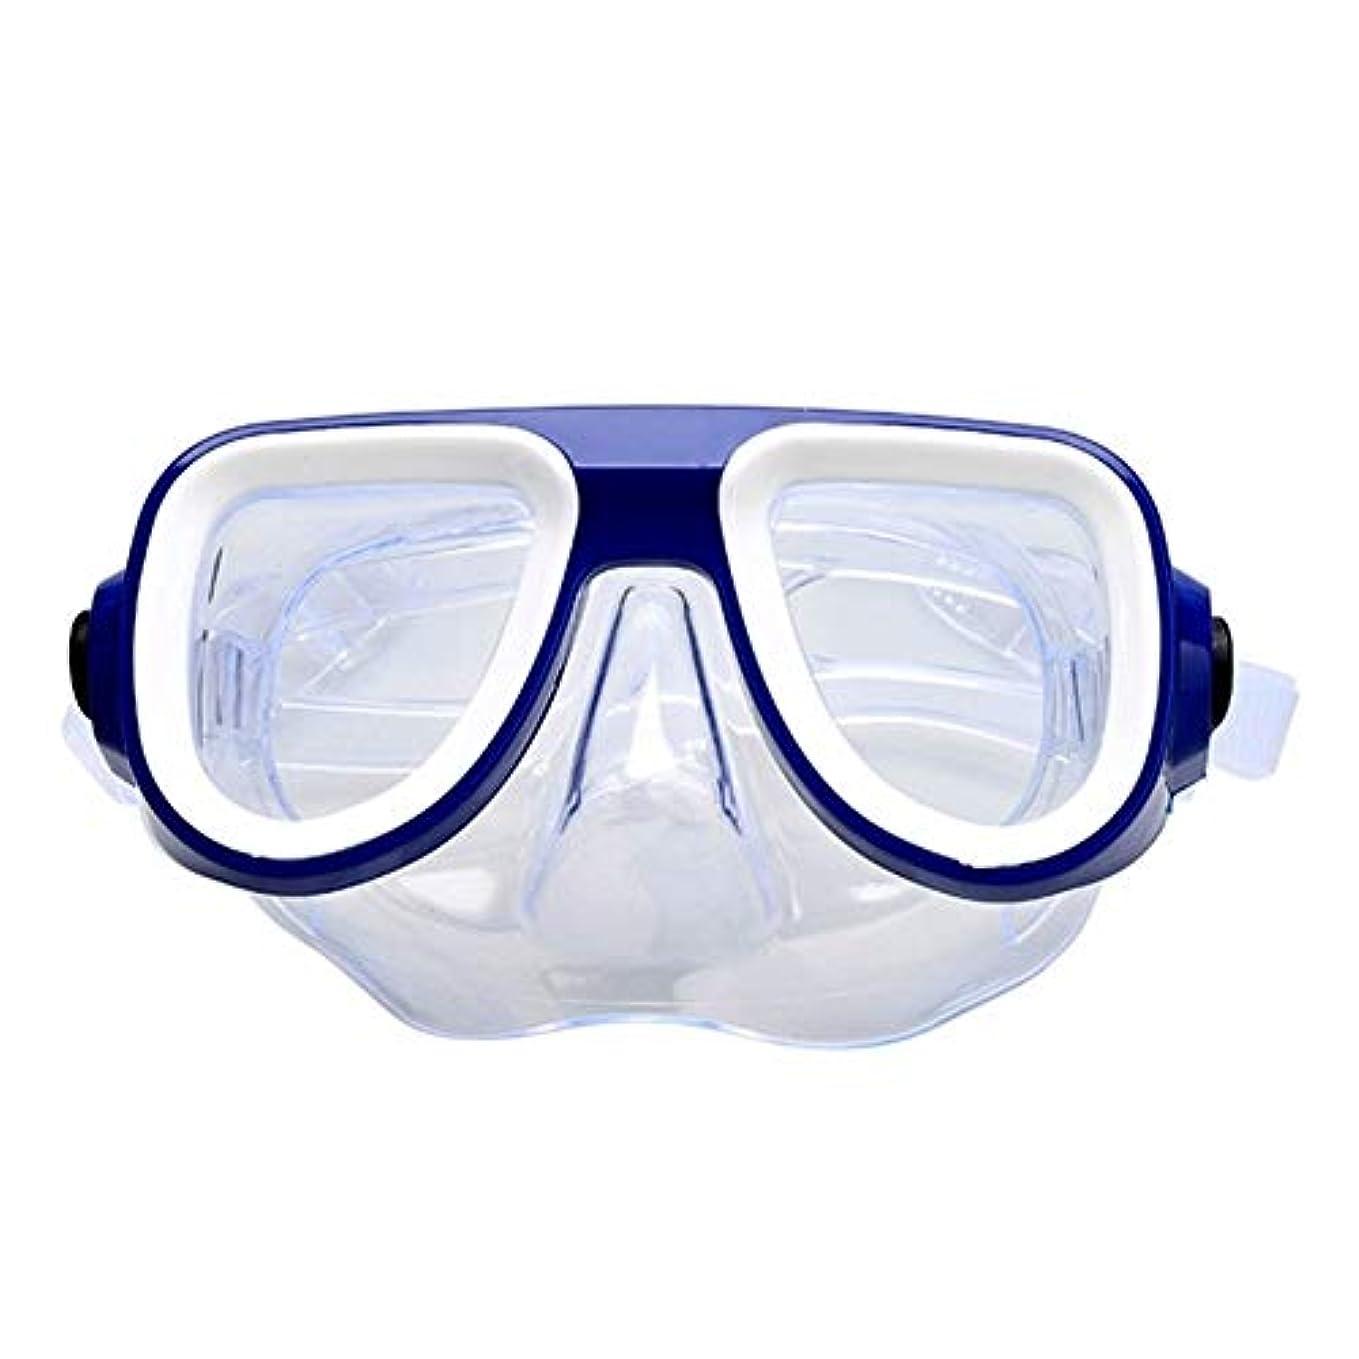 酸キウイ苦しむ子供ダイビングシュノーケリング水泳ダイビングフルドライシュノーケルとマスクガラスレンズ g5y9k2i3rw1